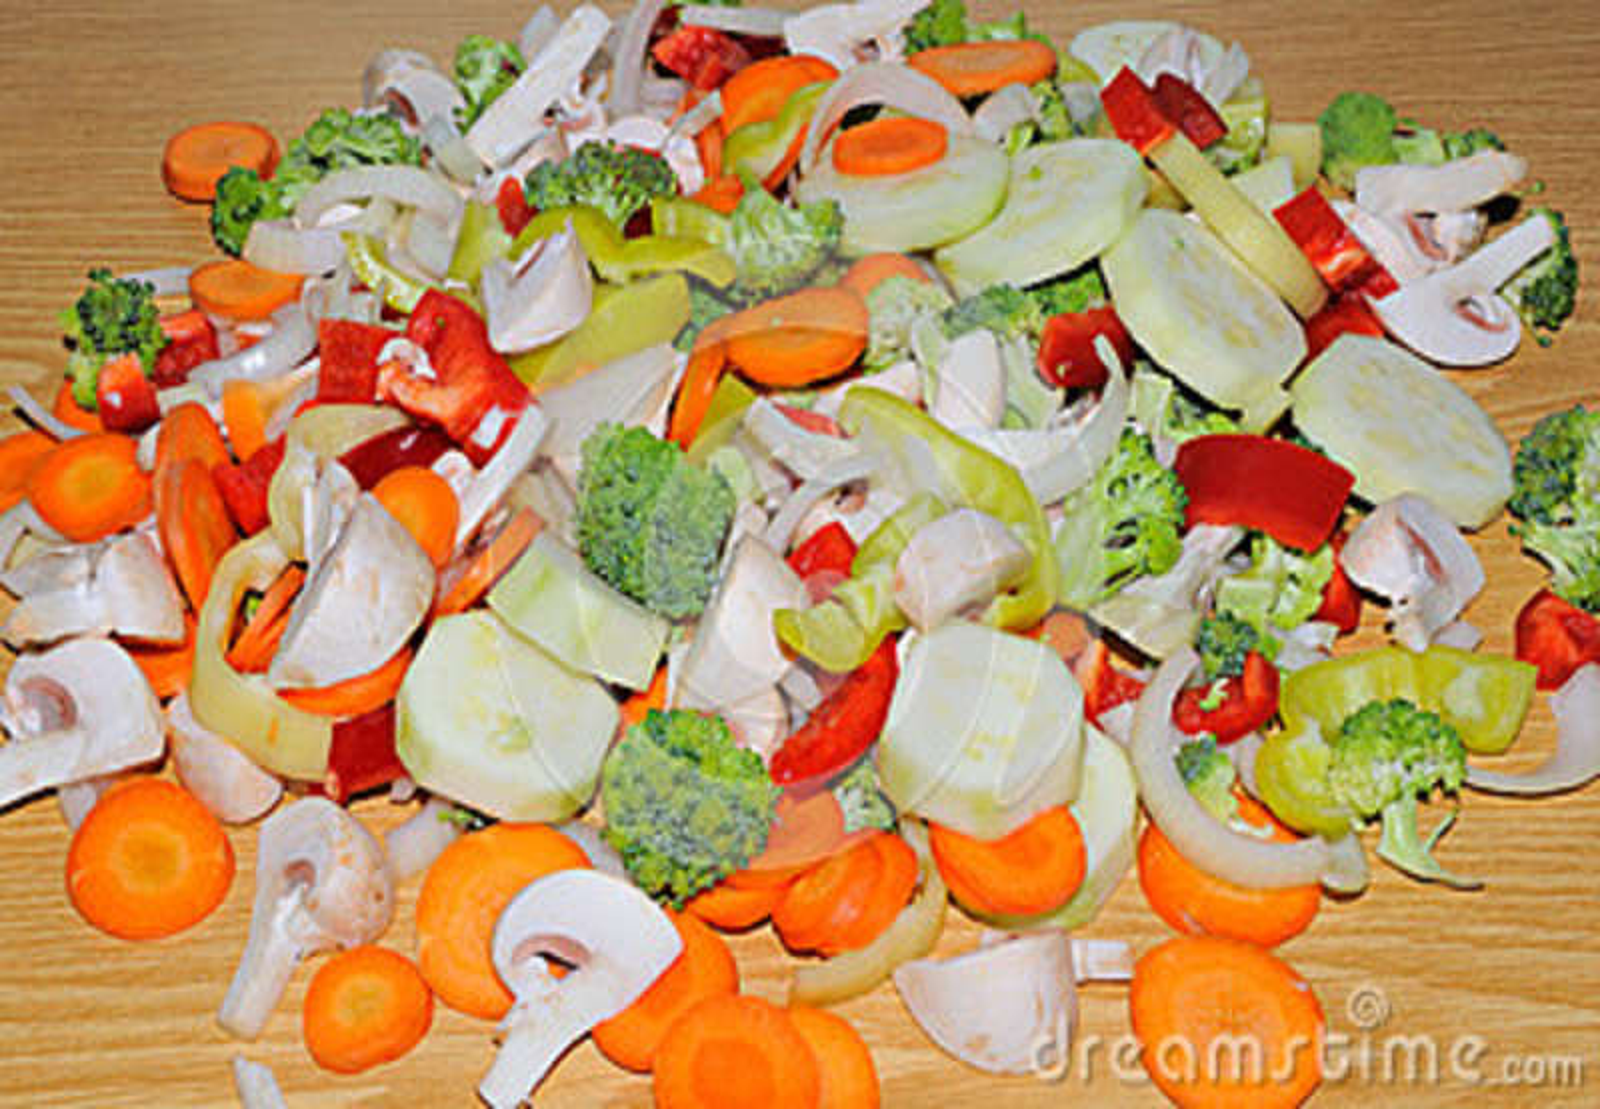 Download Różni świezi Warzywa Cią Up W Kawałkach Przygotowywających Dla Fertania F Zdjęcie Stock - Obraz złożonej z grupa, kucharz: 37082882